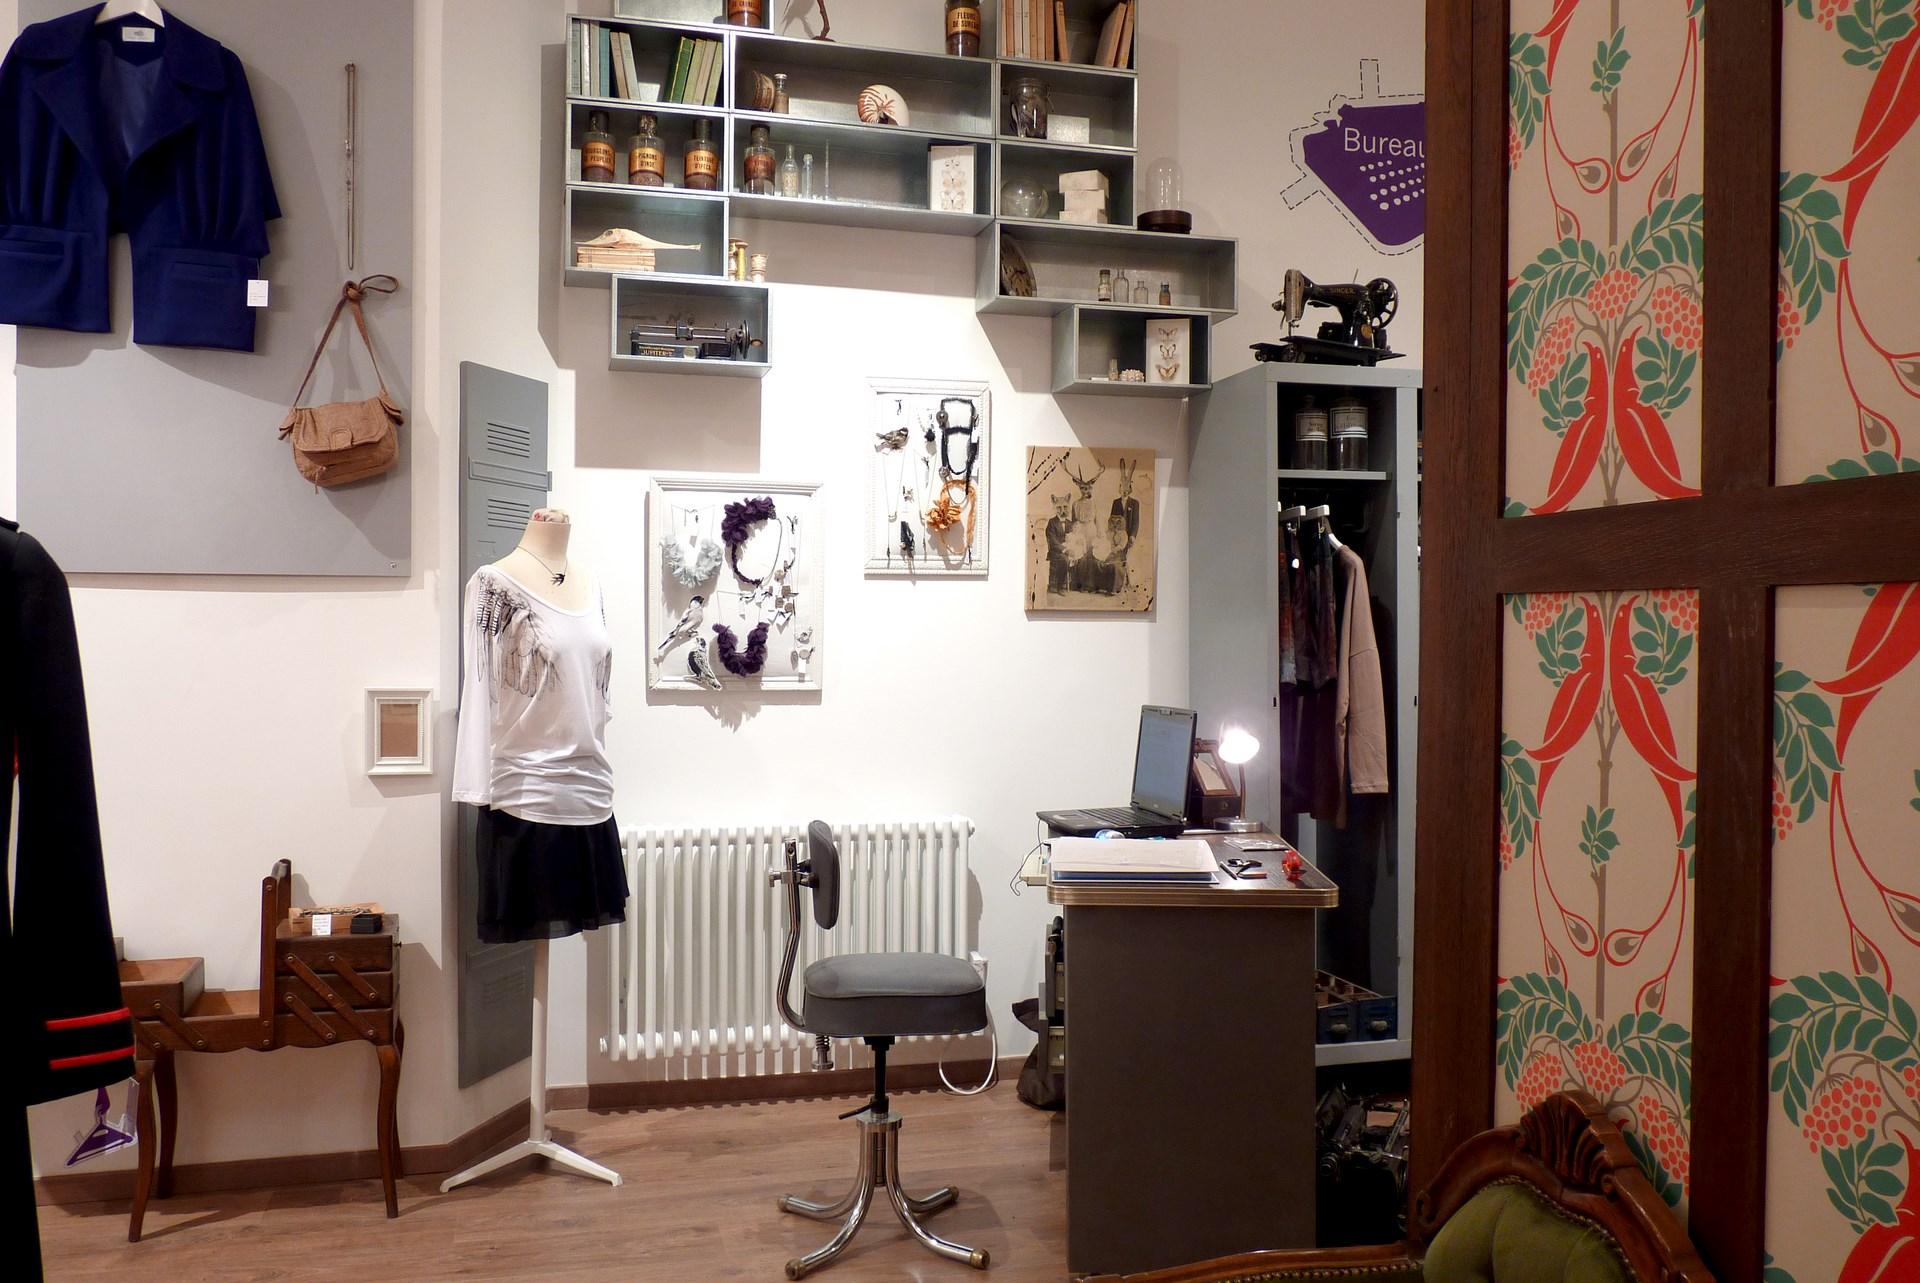 architecte concept boutique vintage vetement bijou artisanal agence avous